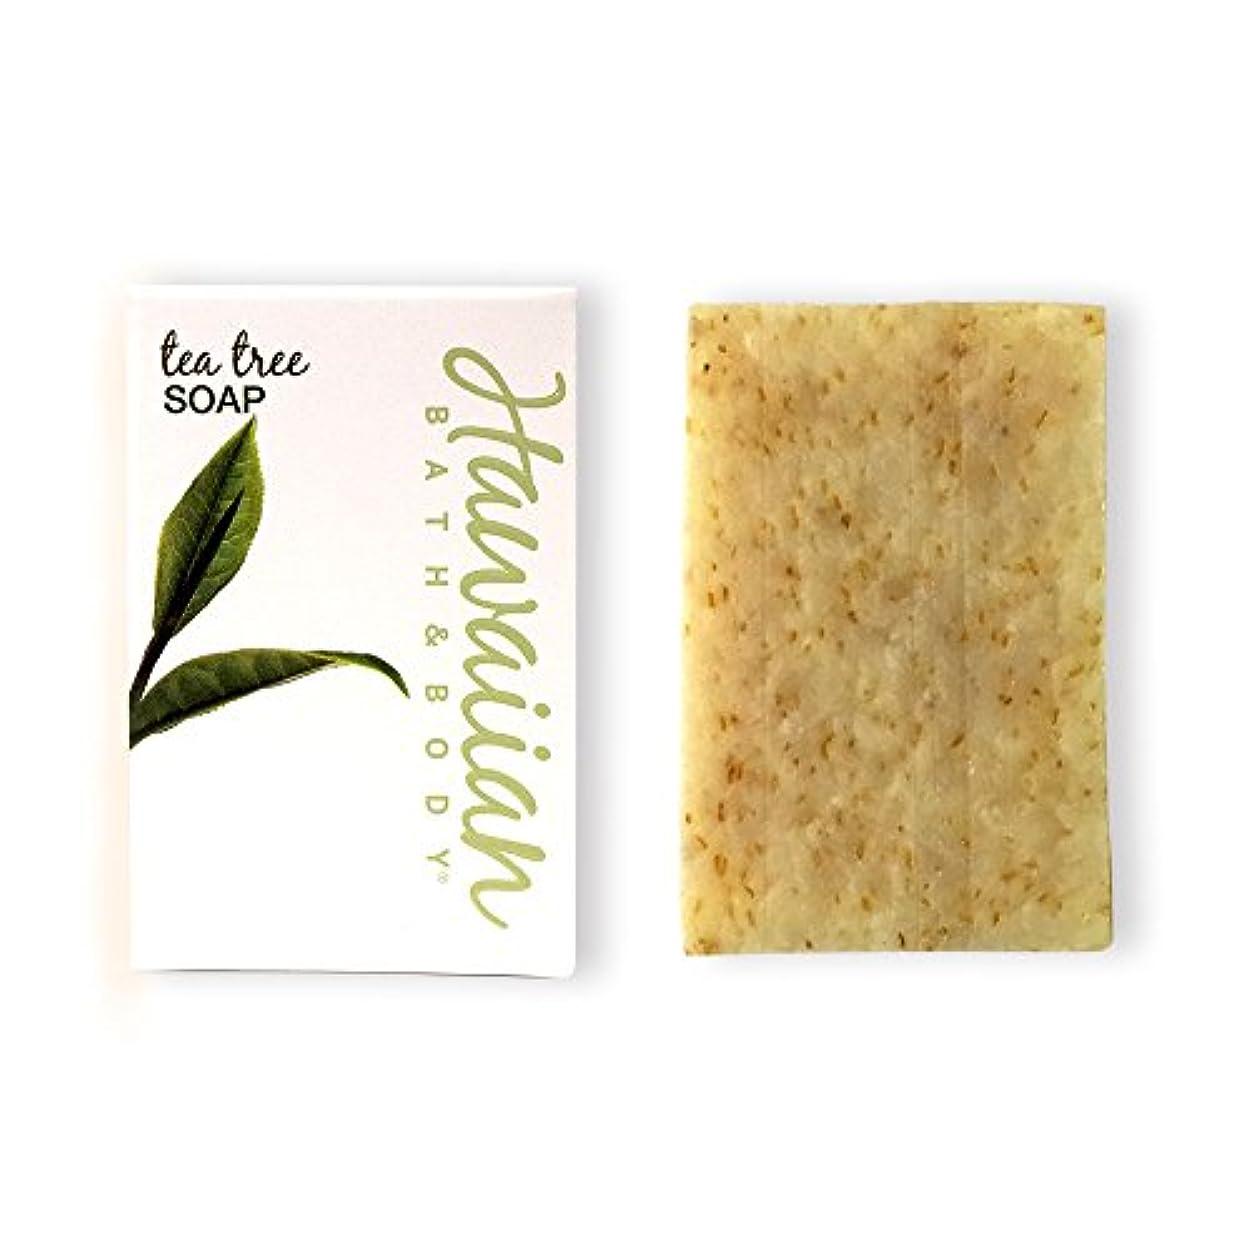 ハワイアンバス&ボディ ティーツリーソープ(トロピカルブレンド)( Tea Tree Soap )